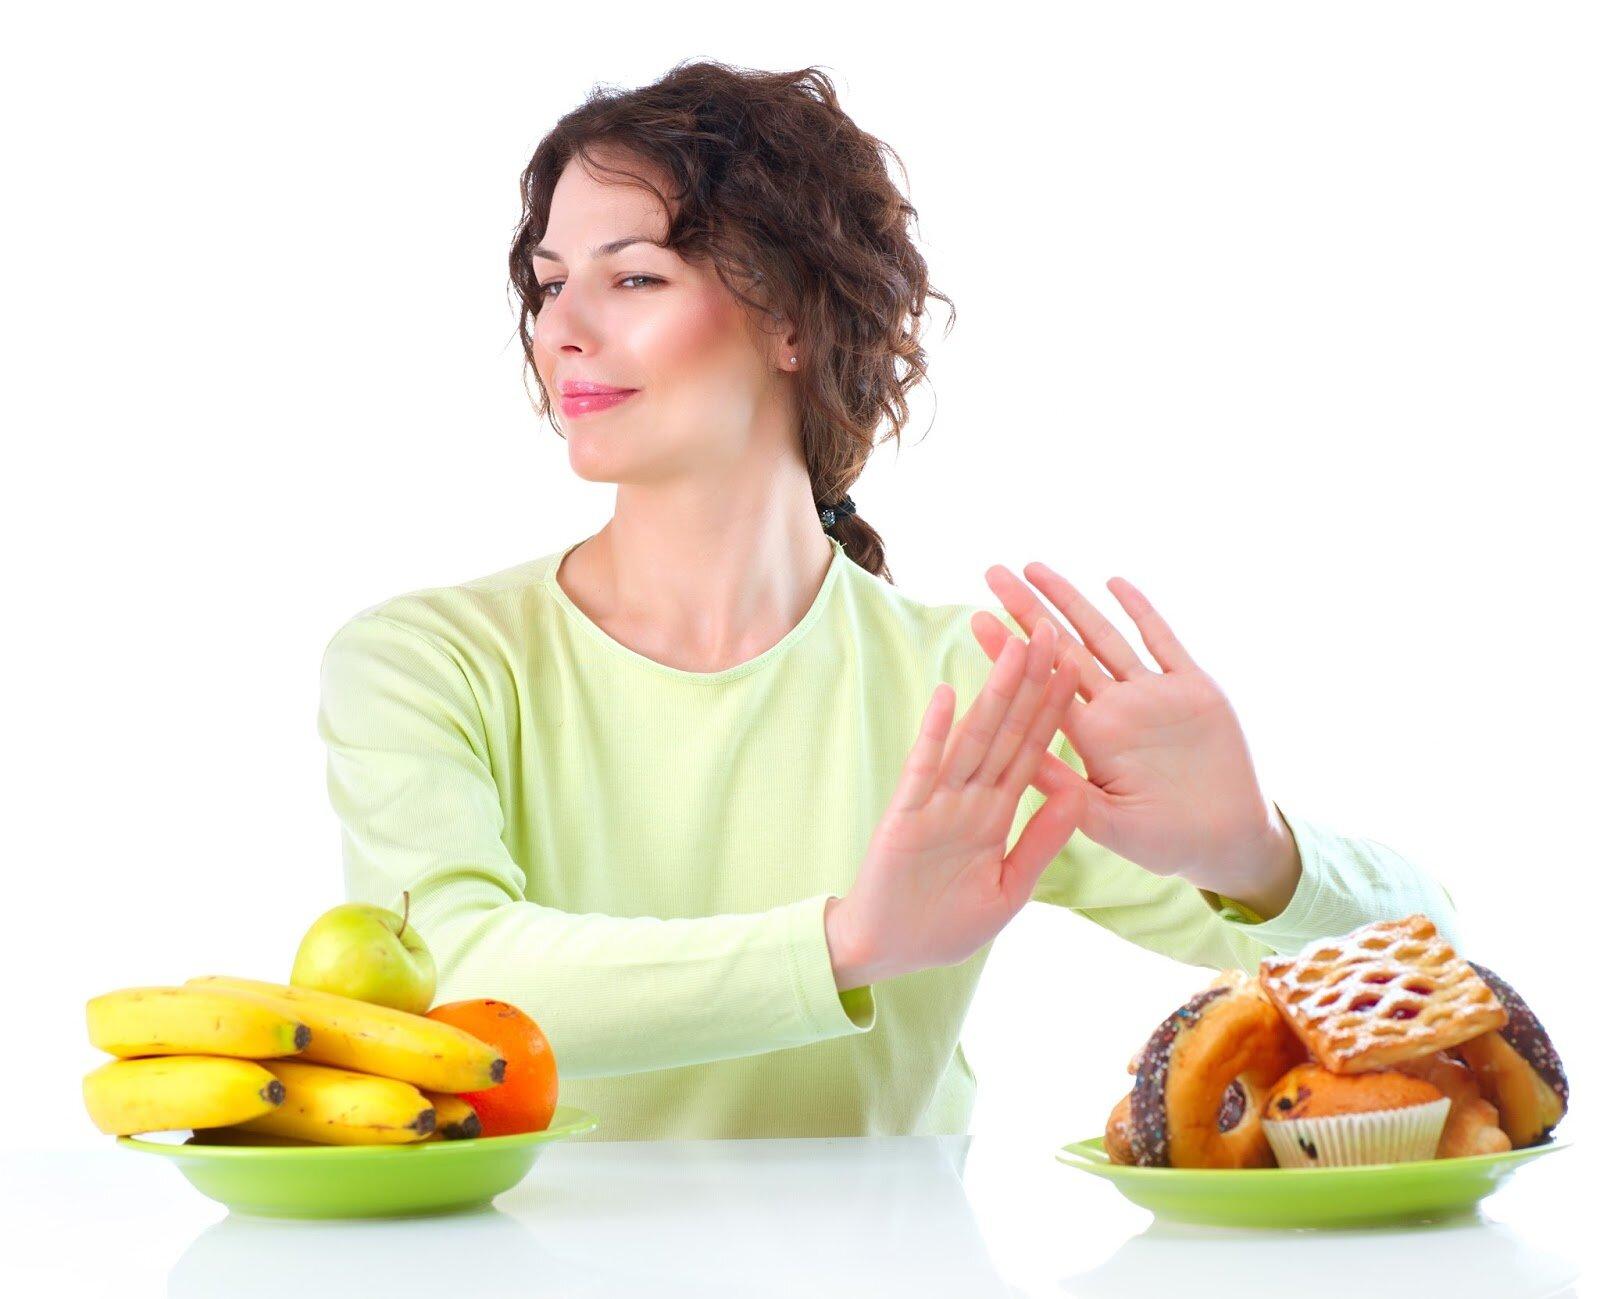 Chế độ ăn uống phù hợp cũng giúp giảm nguy cơ mắc bệnh mất trí nhớ (nguồn: internet)